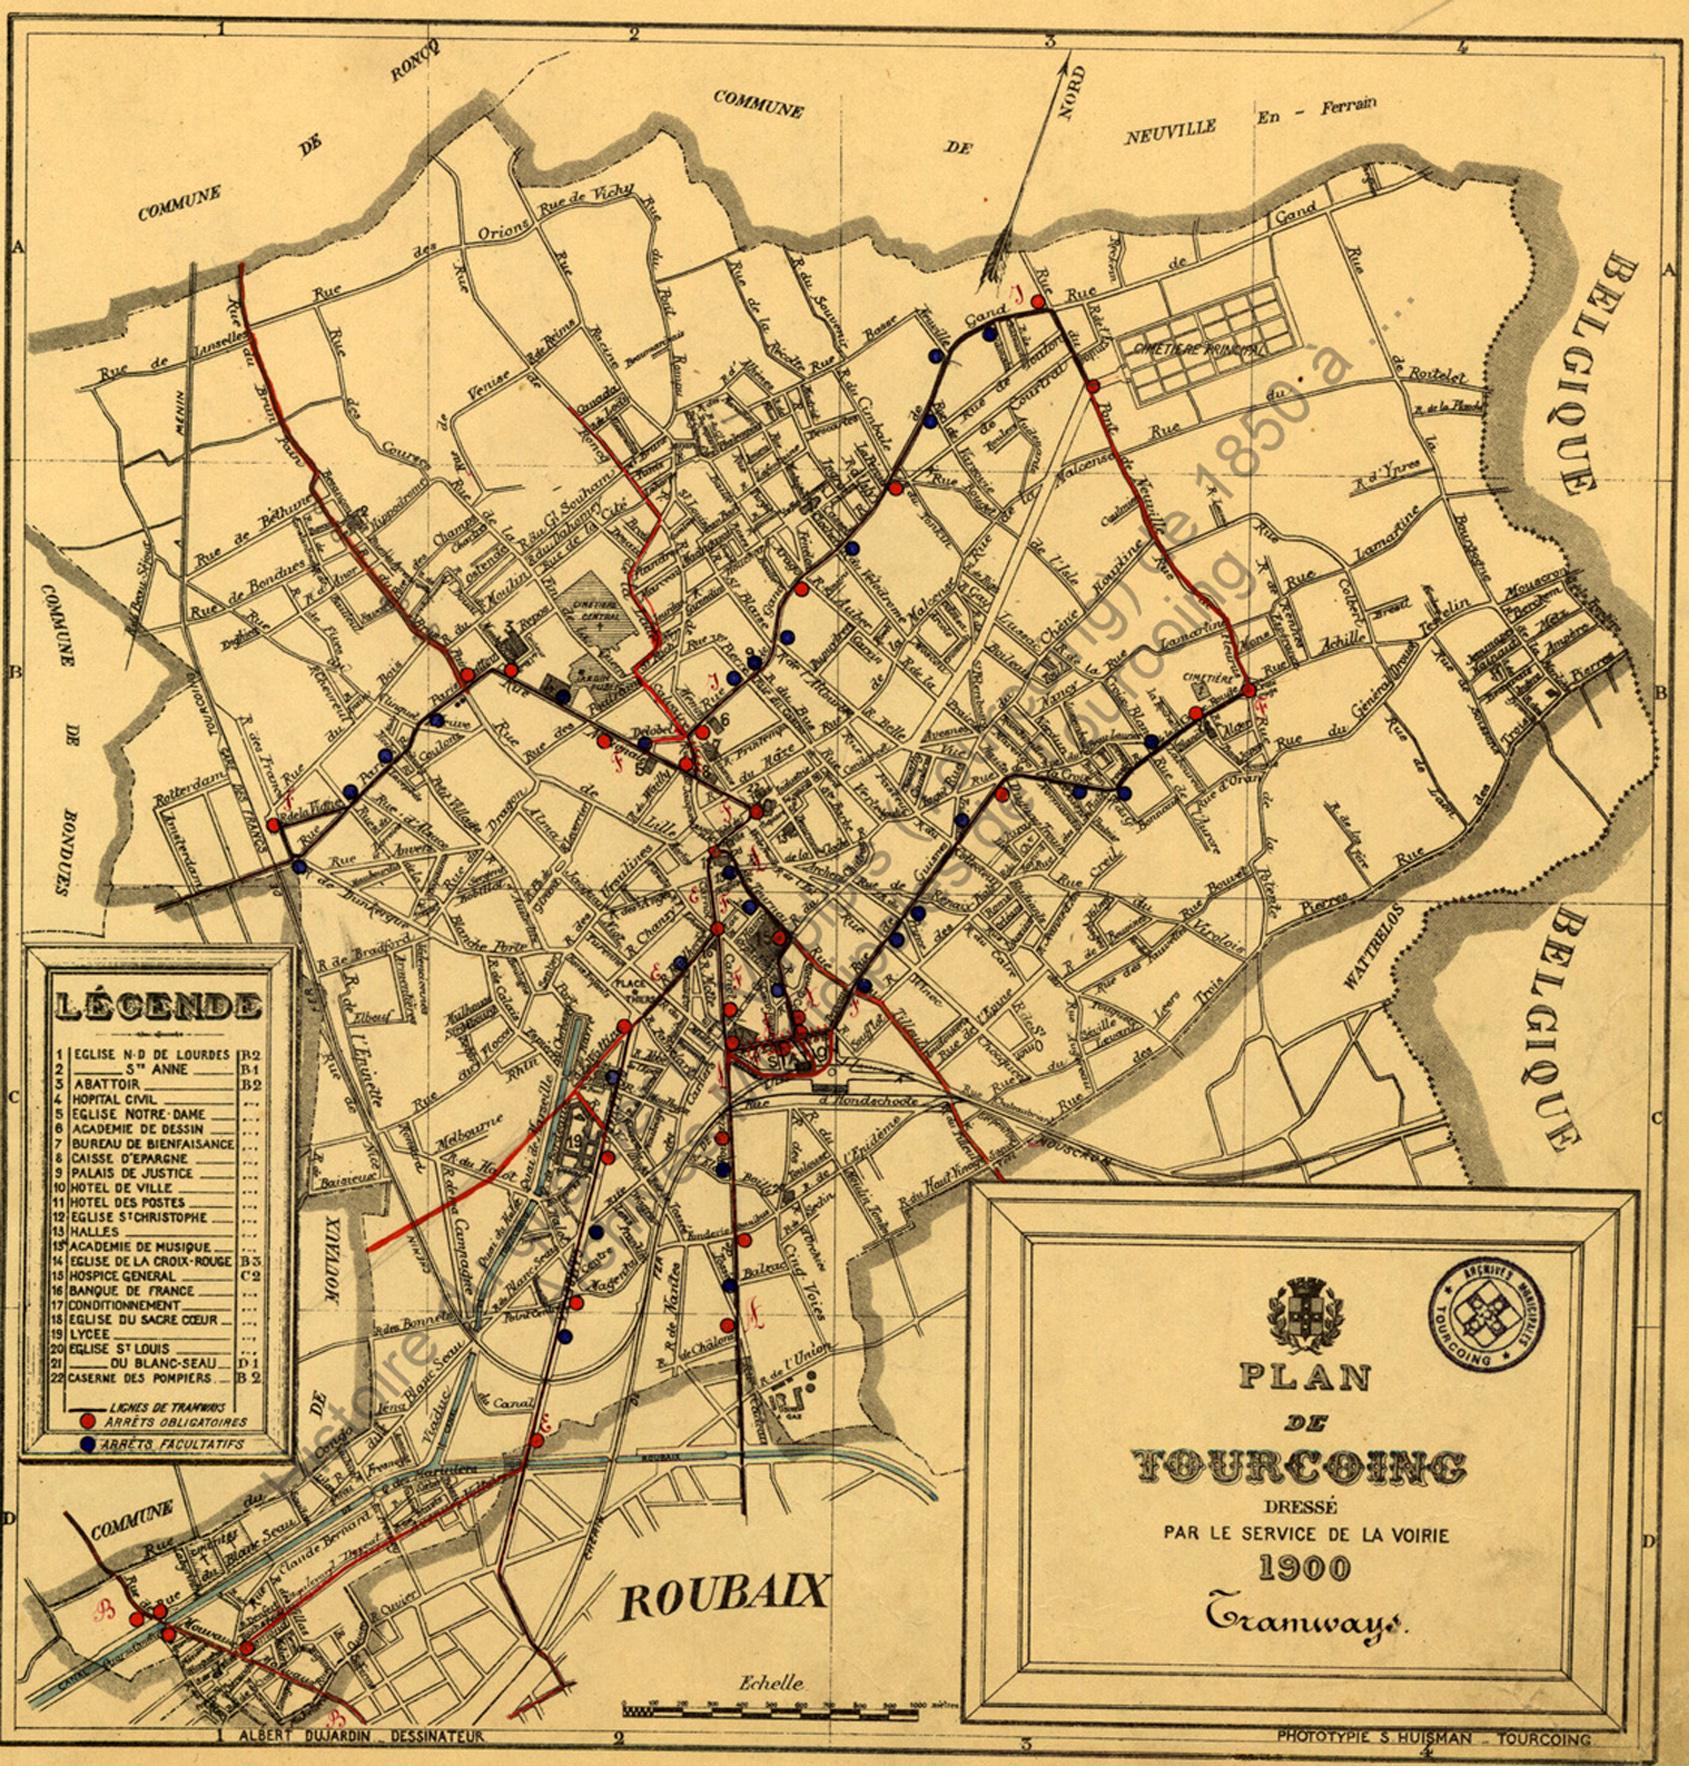 plan du tramway de Tourcoing en 1900